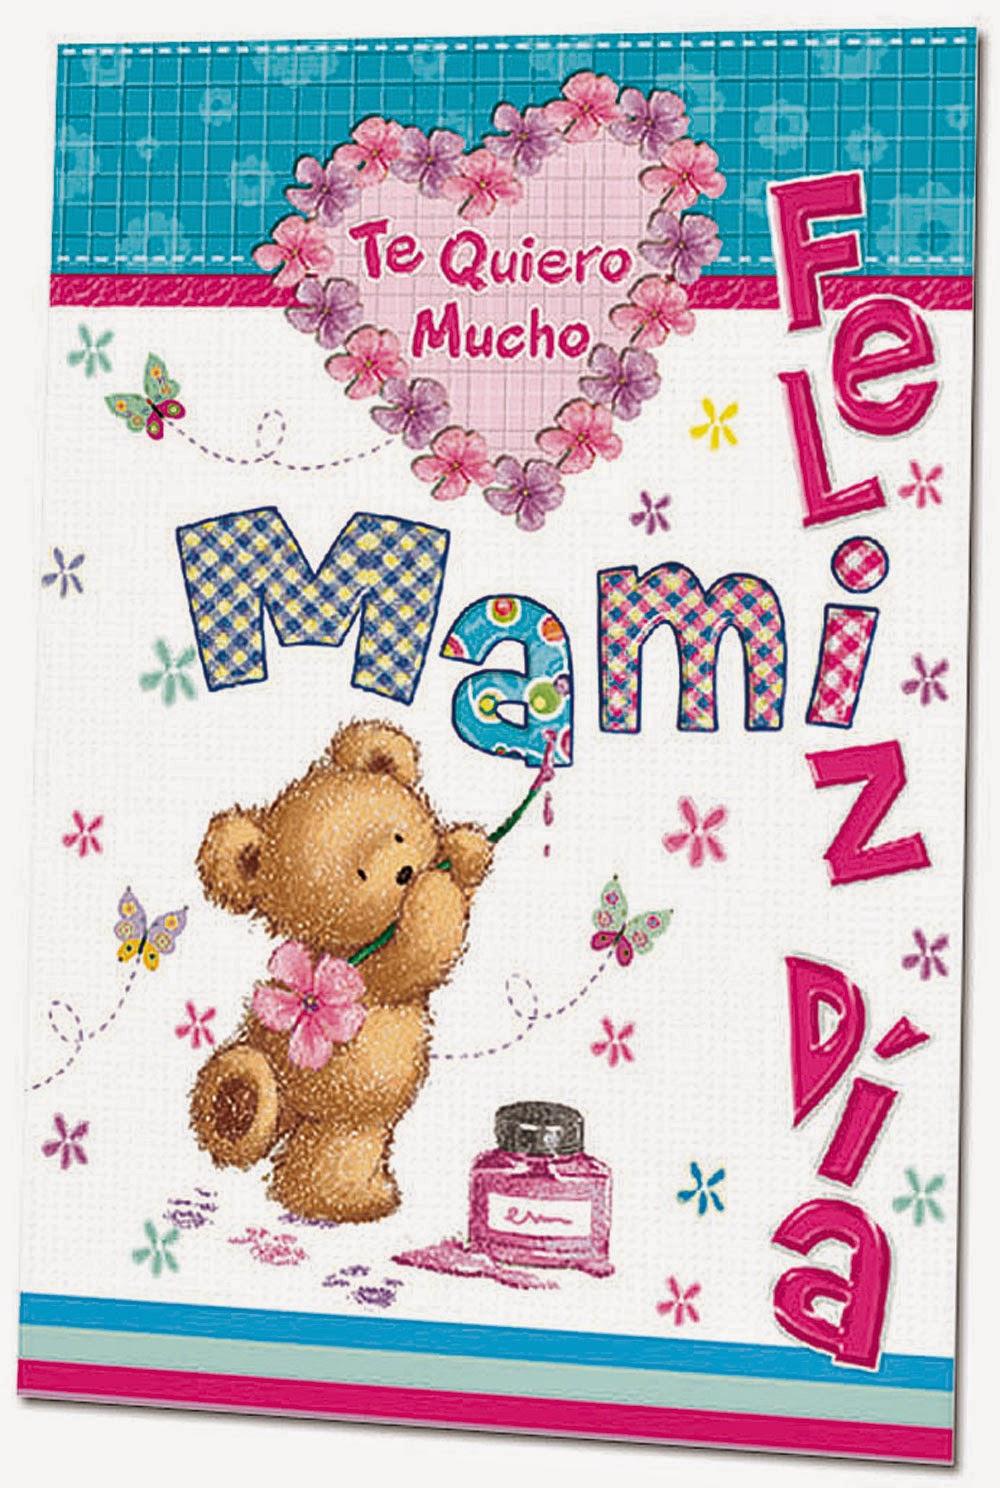 Frases para el dia de la madre - imagenes - mensajes - pensamientos